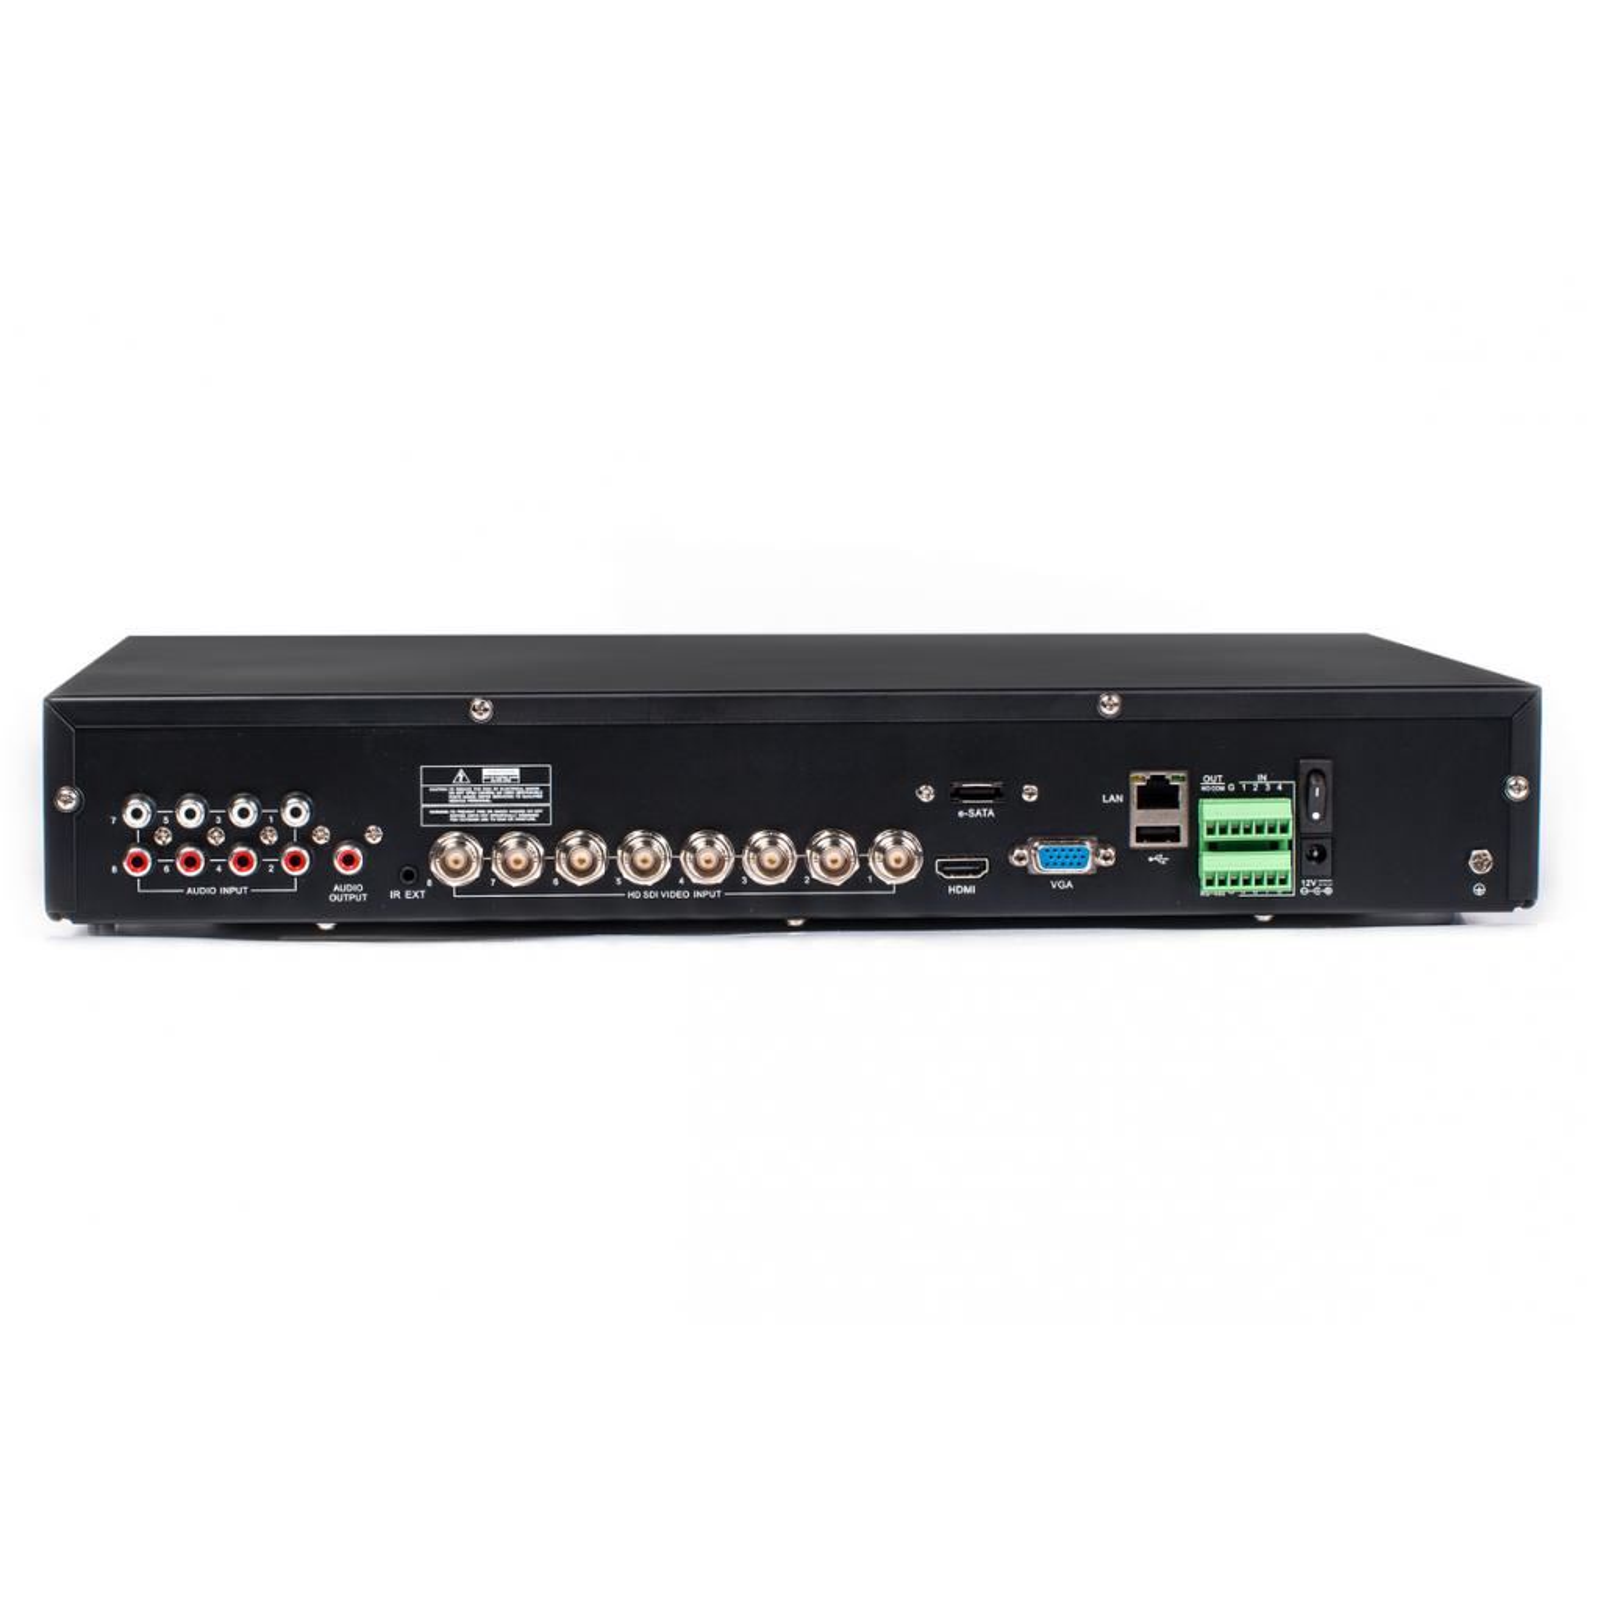 Регистратор для видеонаблюдения RCI RVSDI-8S изображение 2